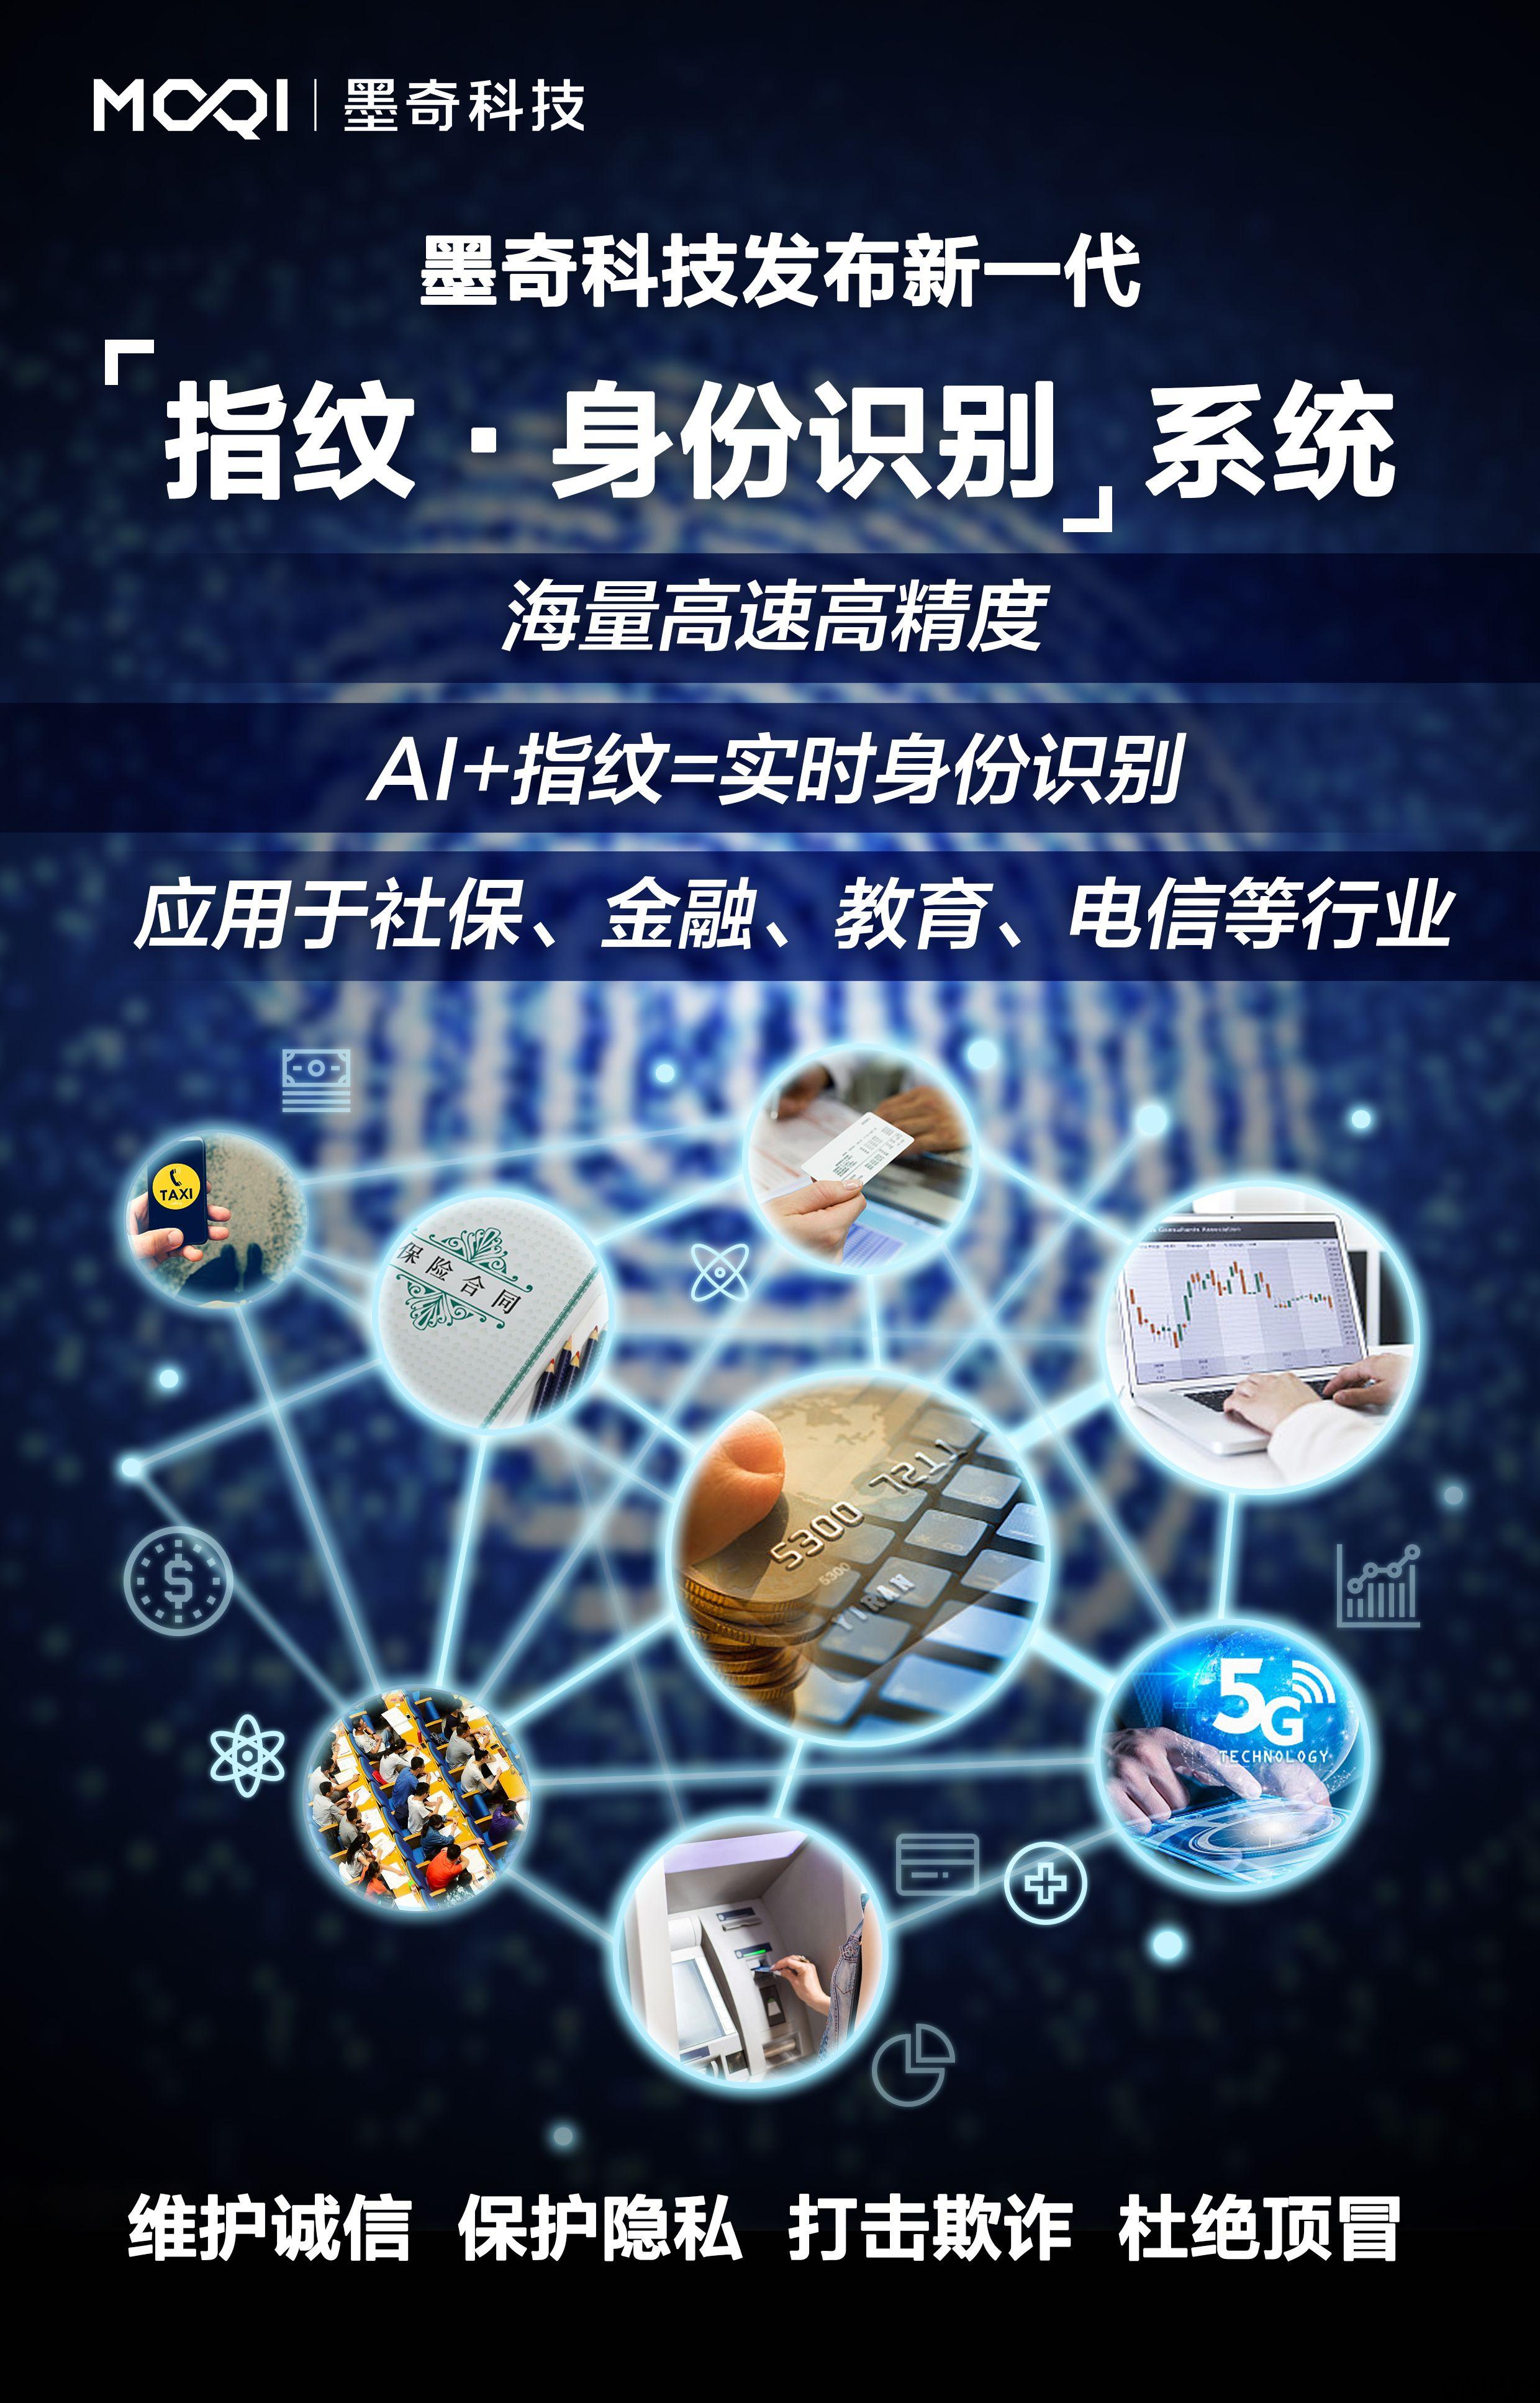 """秒级识别 20 亿指纹:墨奇科技发布新一代 """"指纹-身份识别"""" AI 系统"""